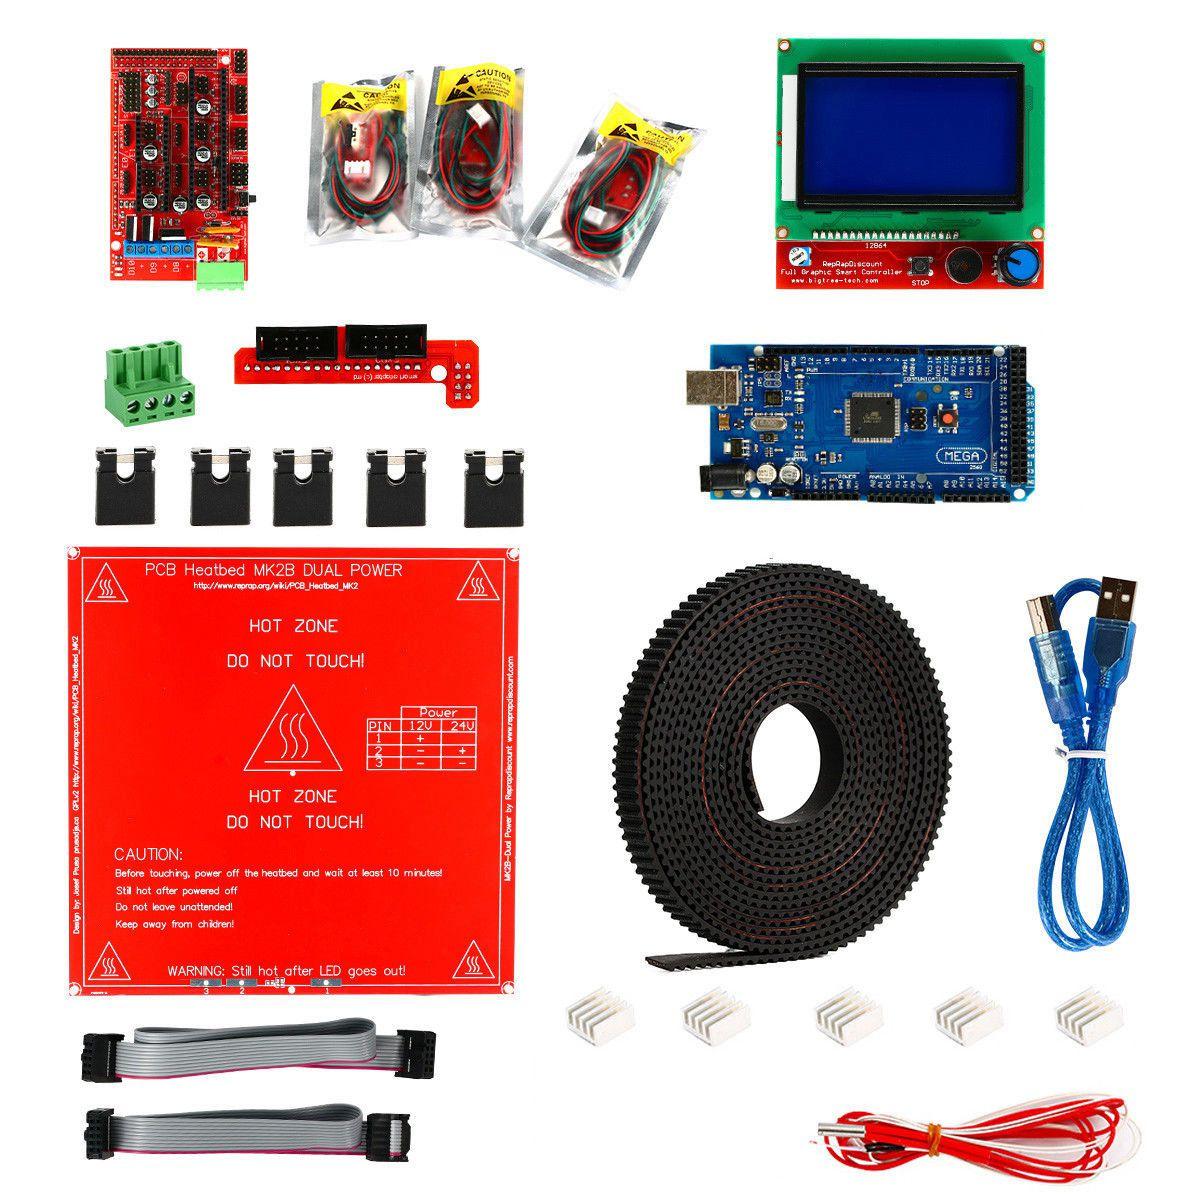 Kit imprimante 3D, rampes 1.4 + Mega 2560 + MK2B Heatbed + contrôleur I3 Suit 12864